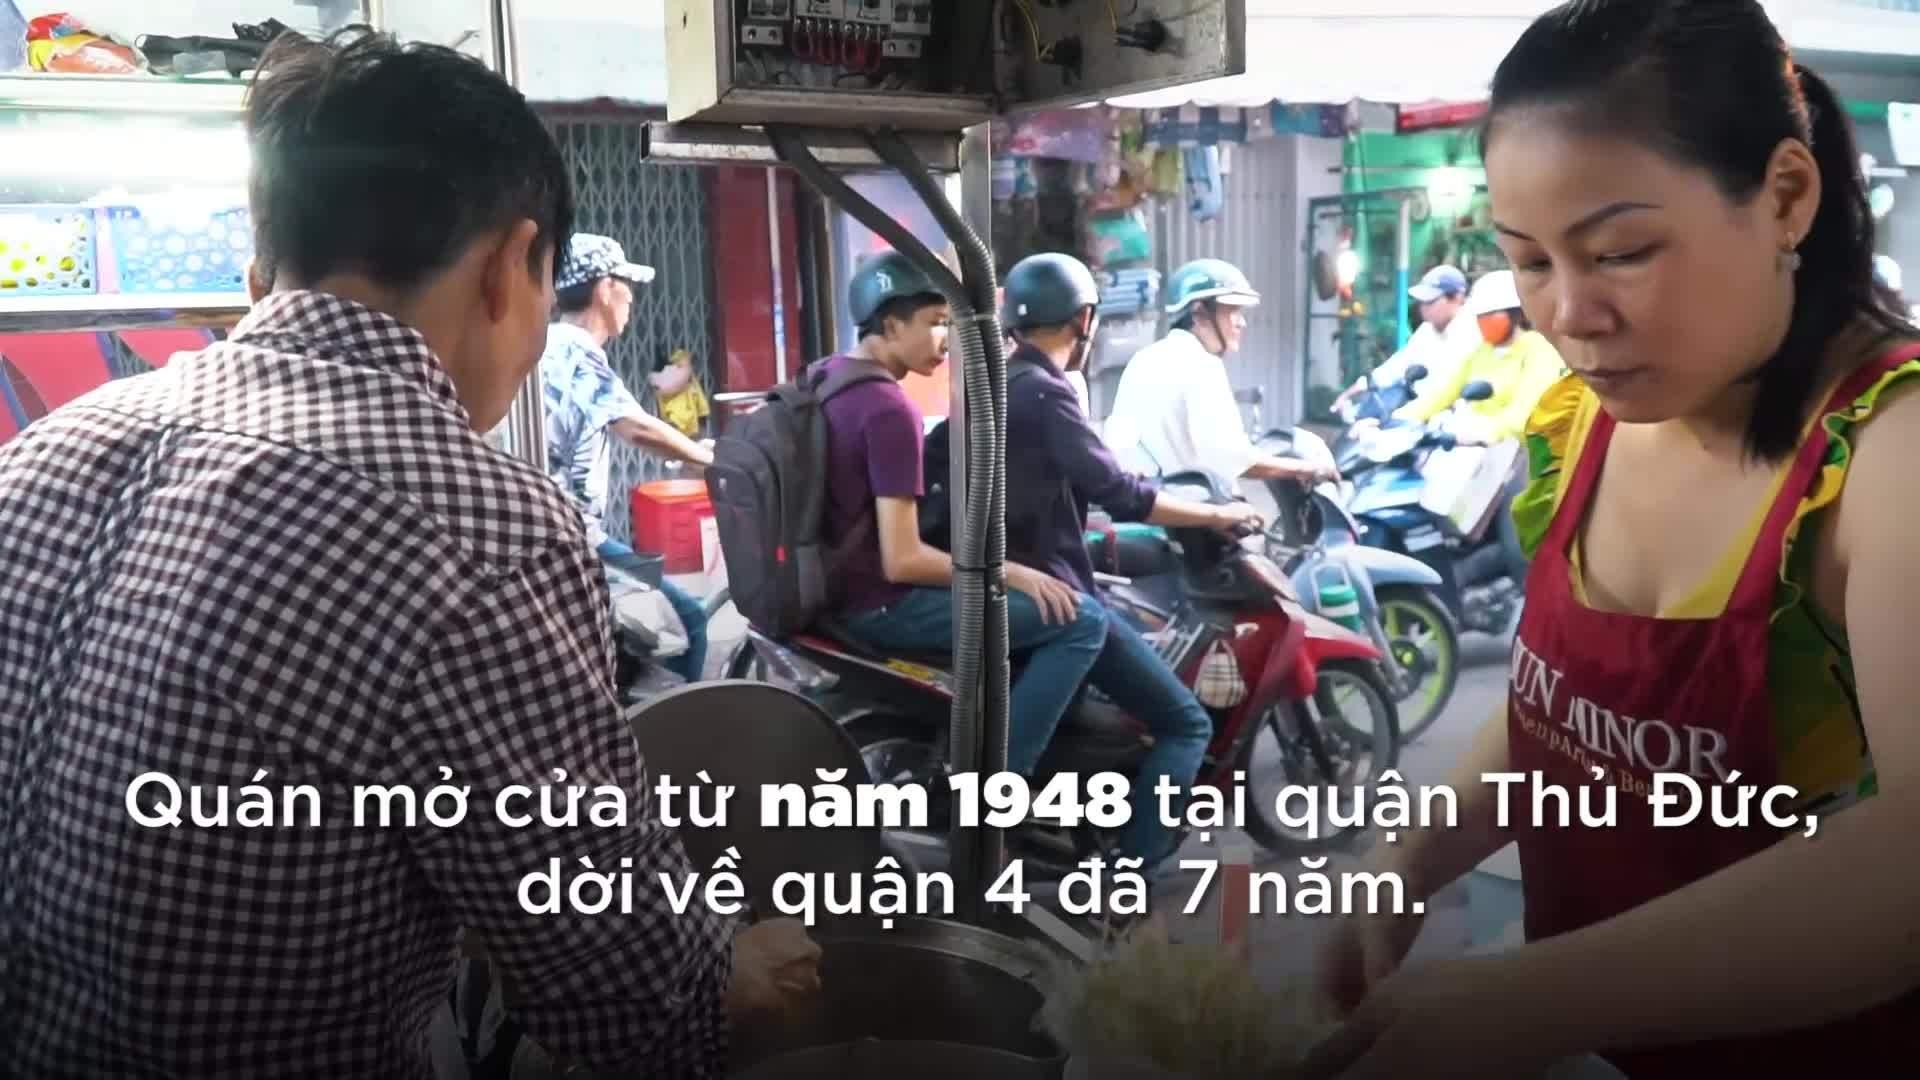 Ba quán lâu đời cho người mê ăn phở ở Sài Gòn